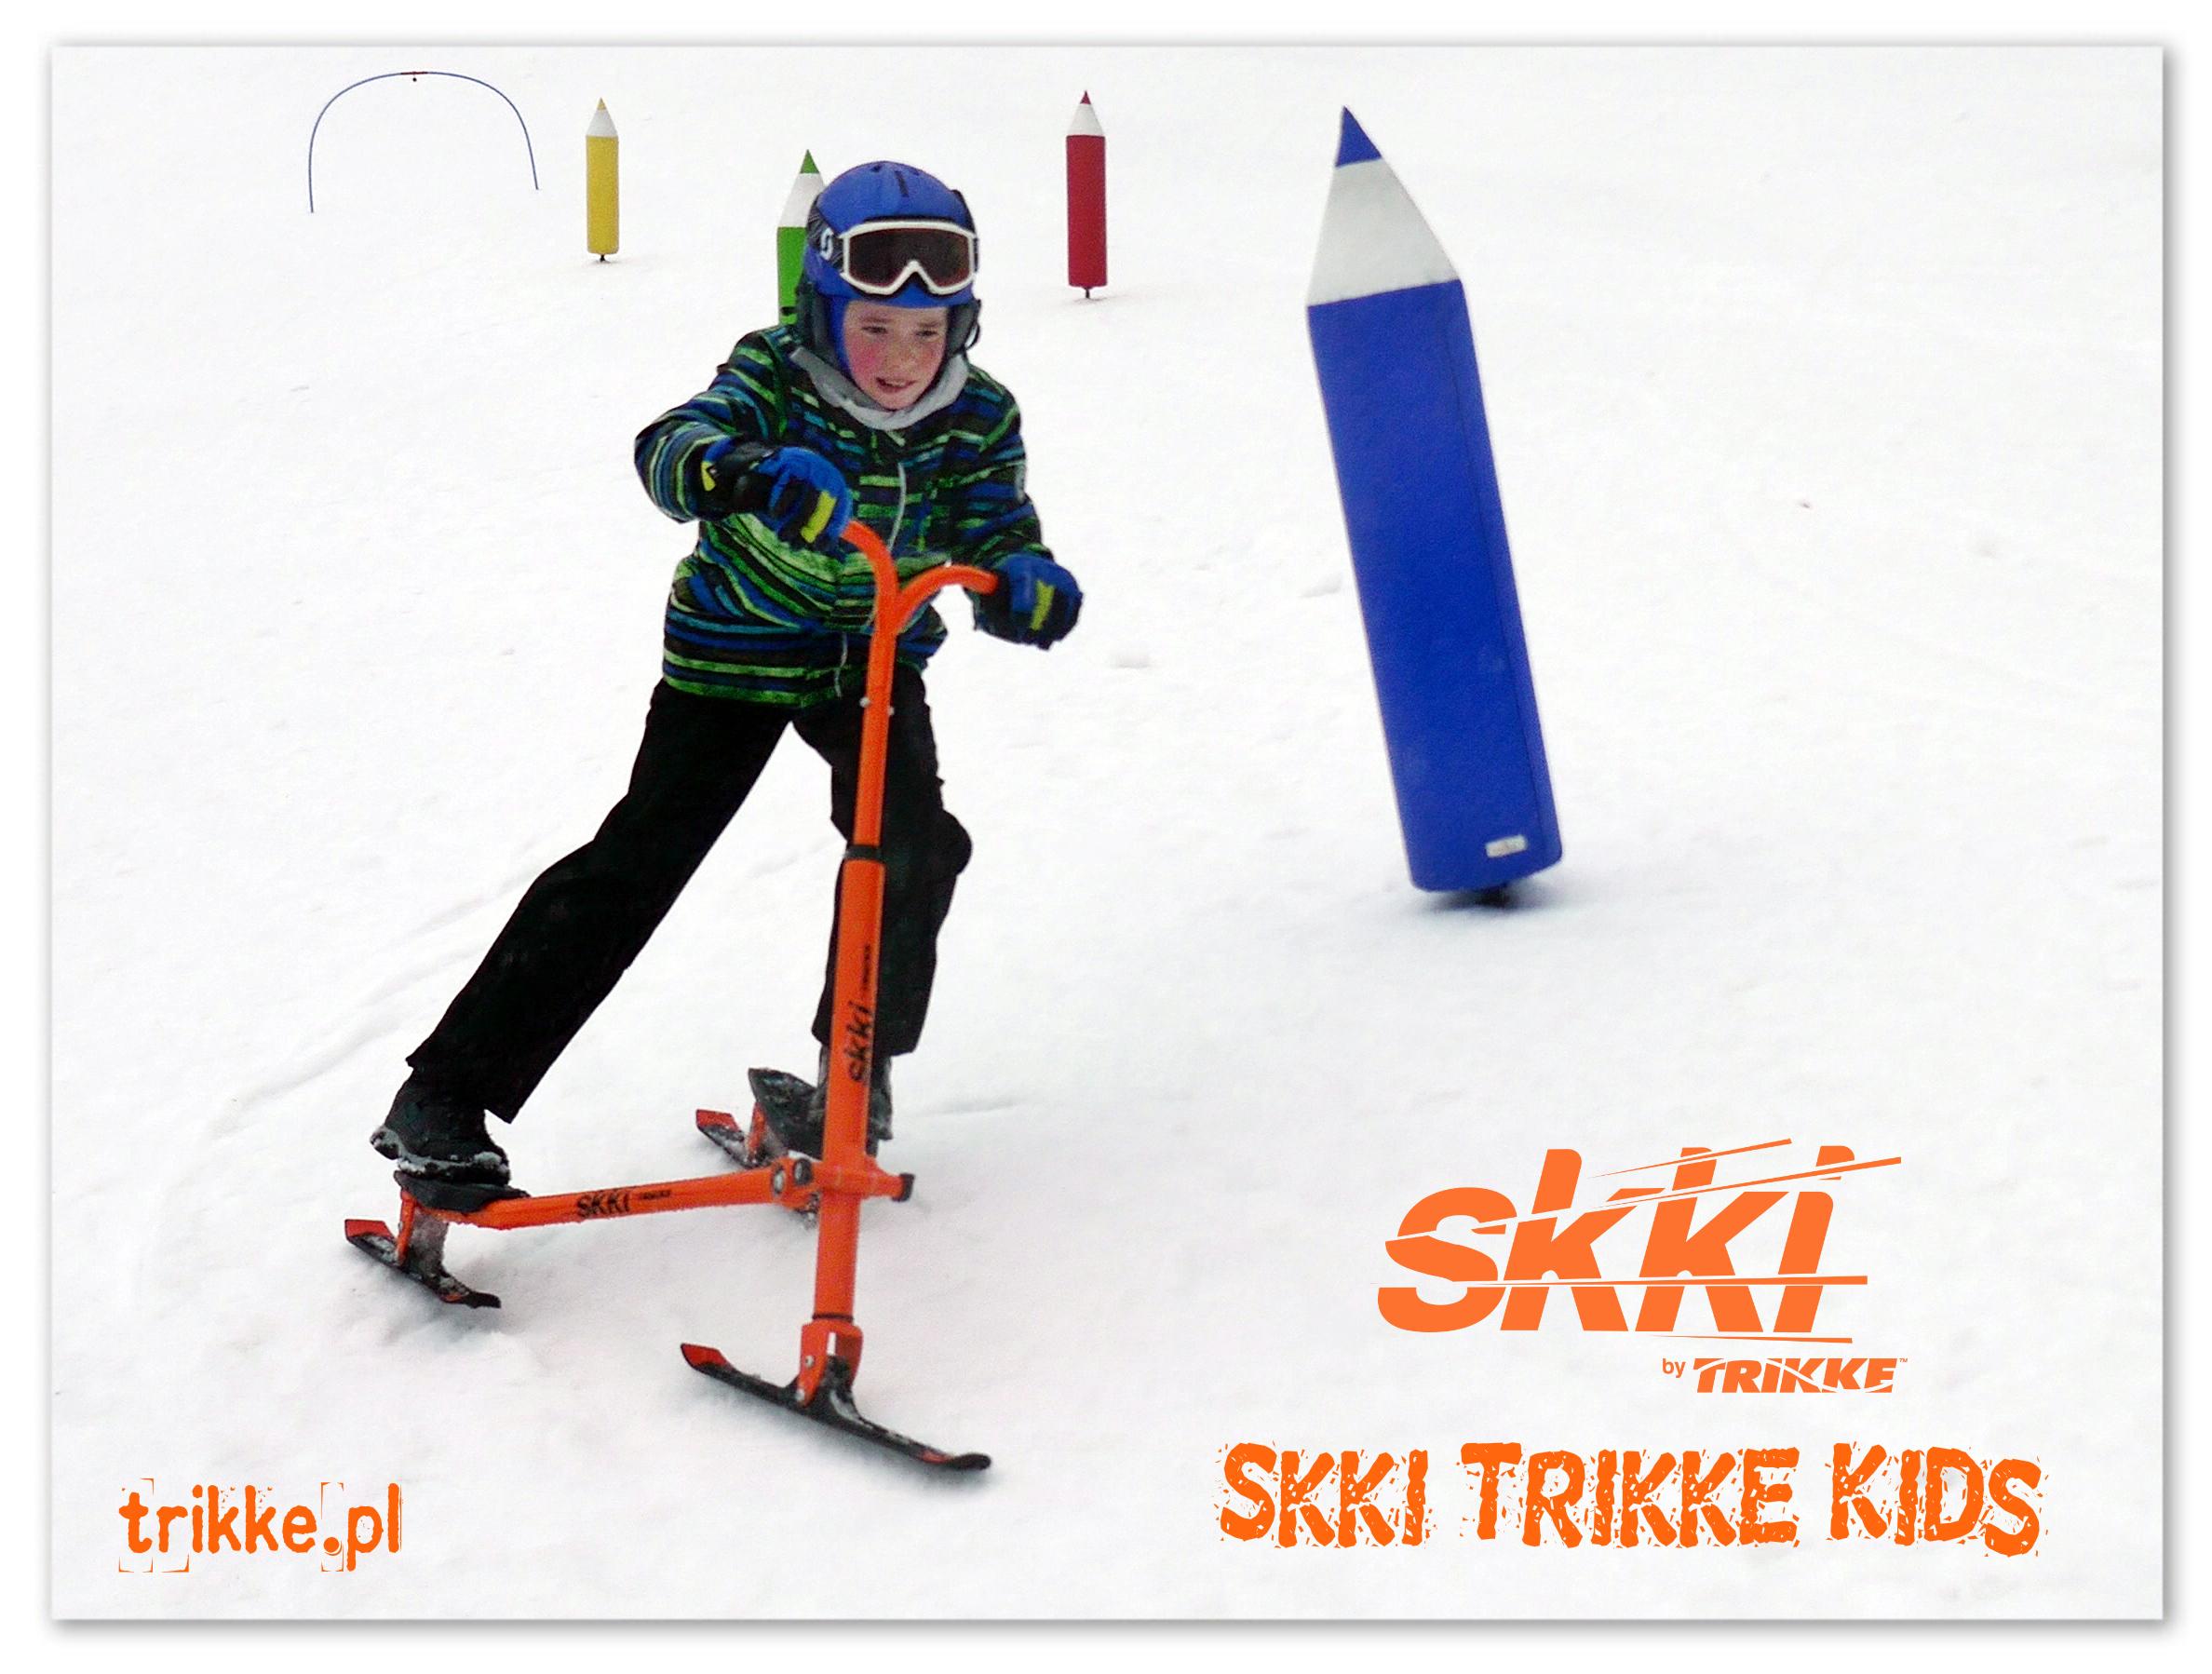 Dziecięcy Skki Trikke KKids jest już dostępny, możecie zamawiać i kupić go dla swoich dzieci.